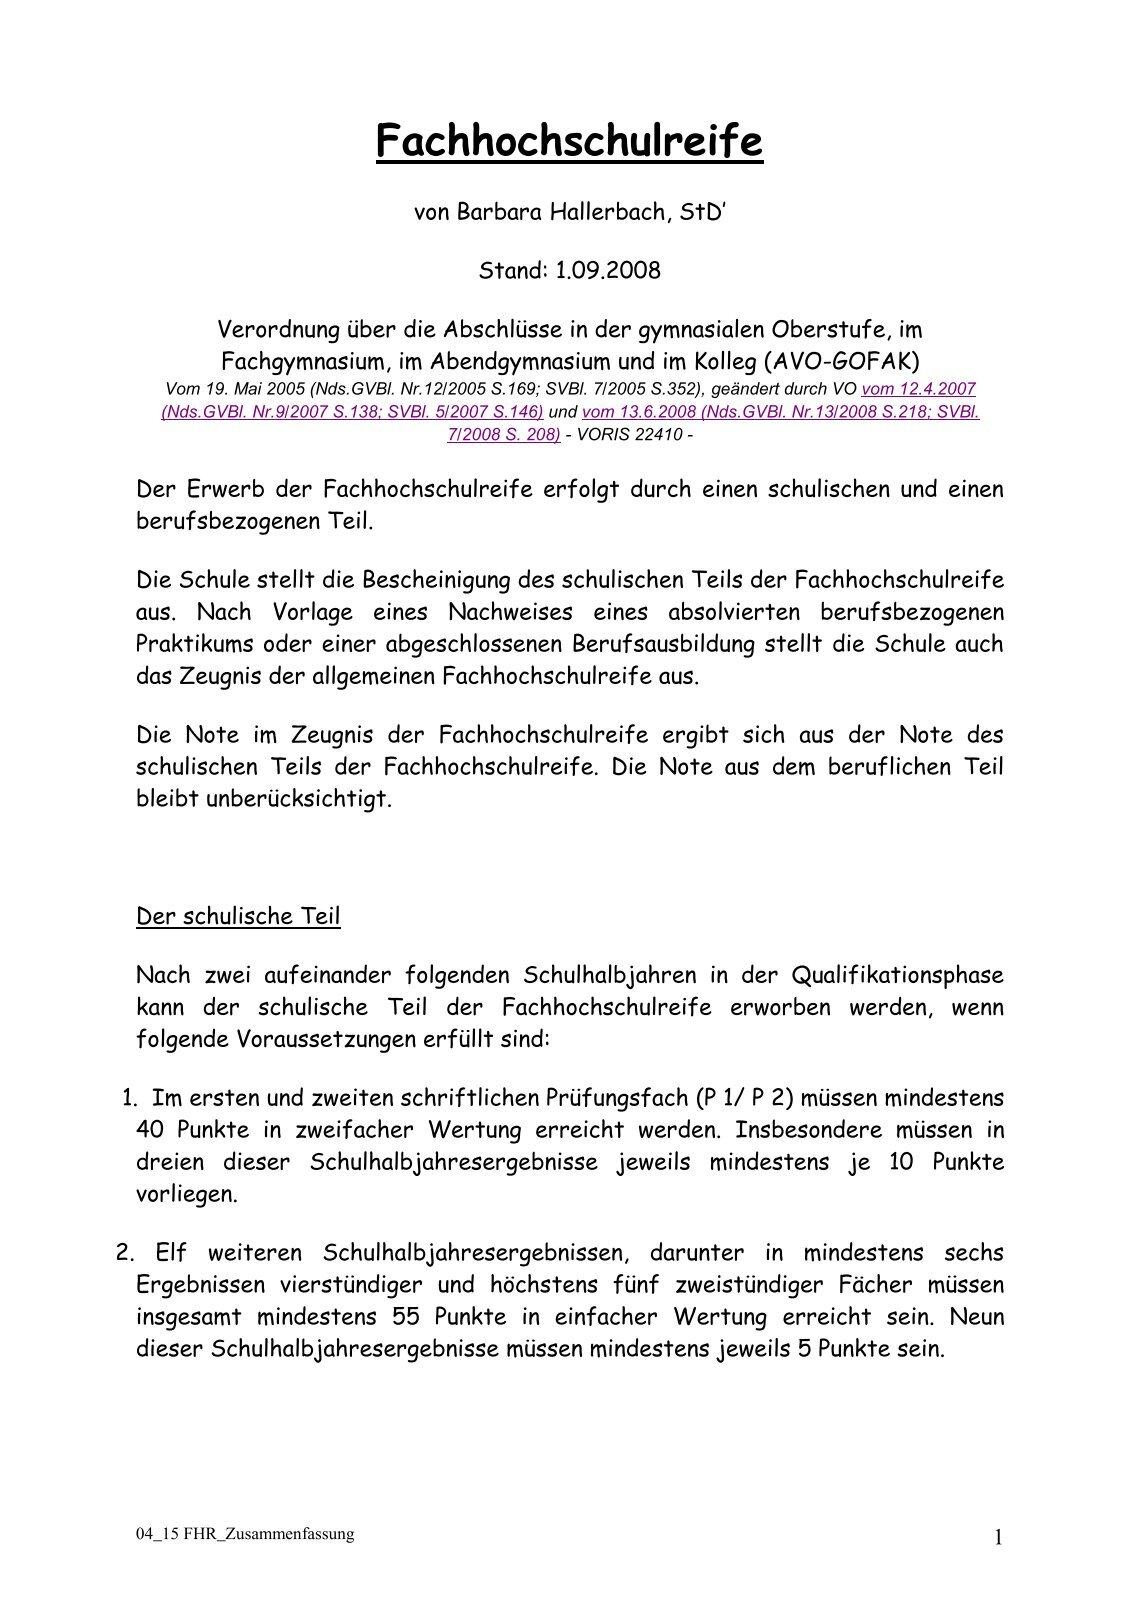 Großzügig Partizipations Zertifikat Vorlage Ideen - FORTSETZUNG ...